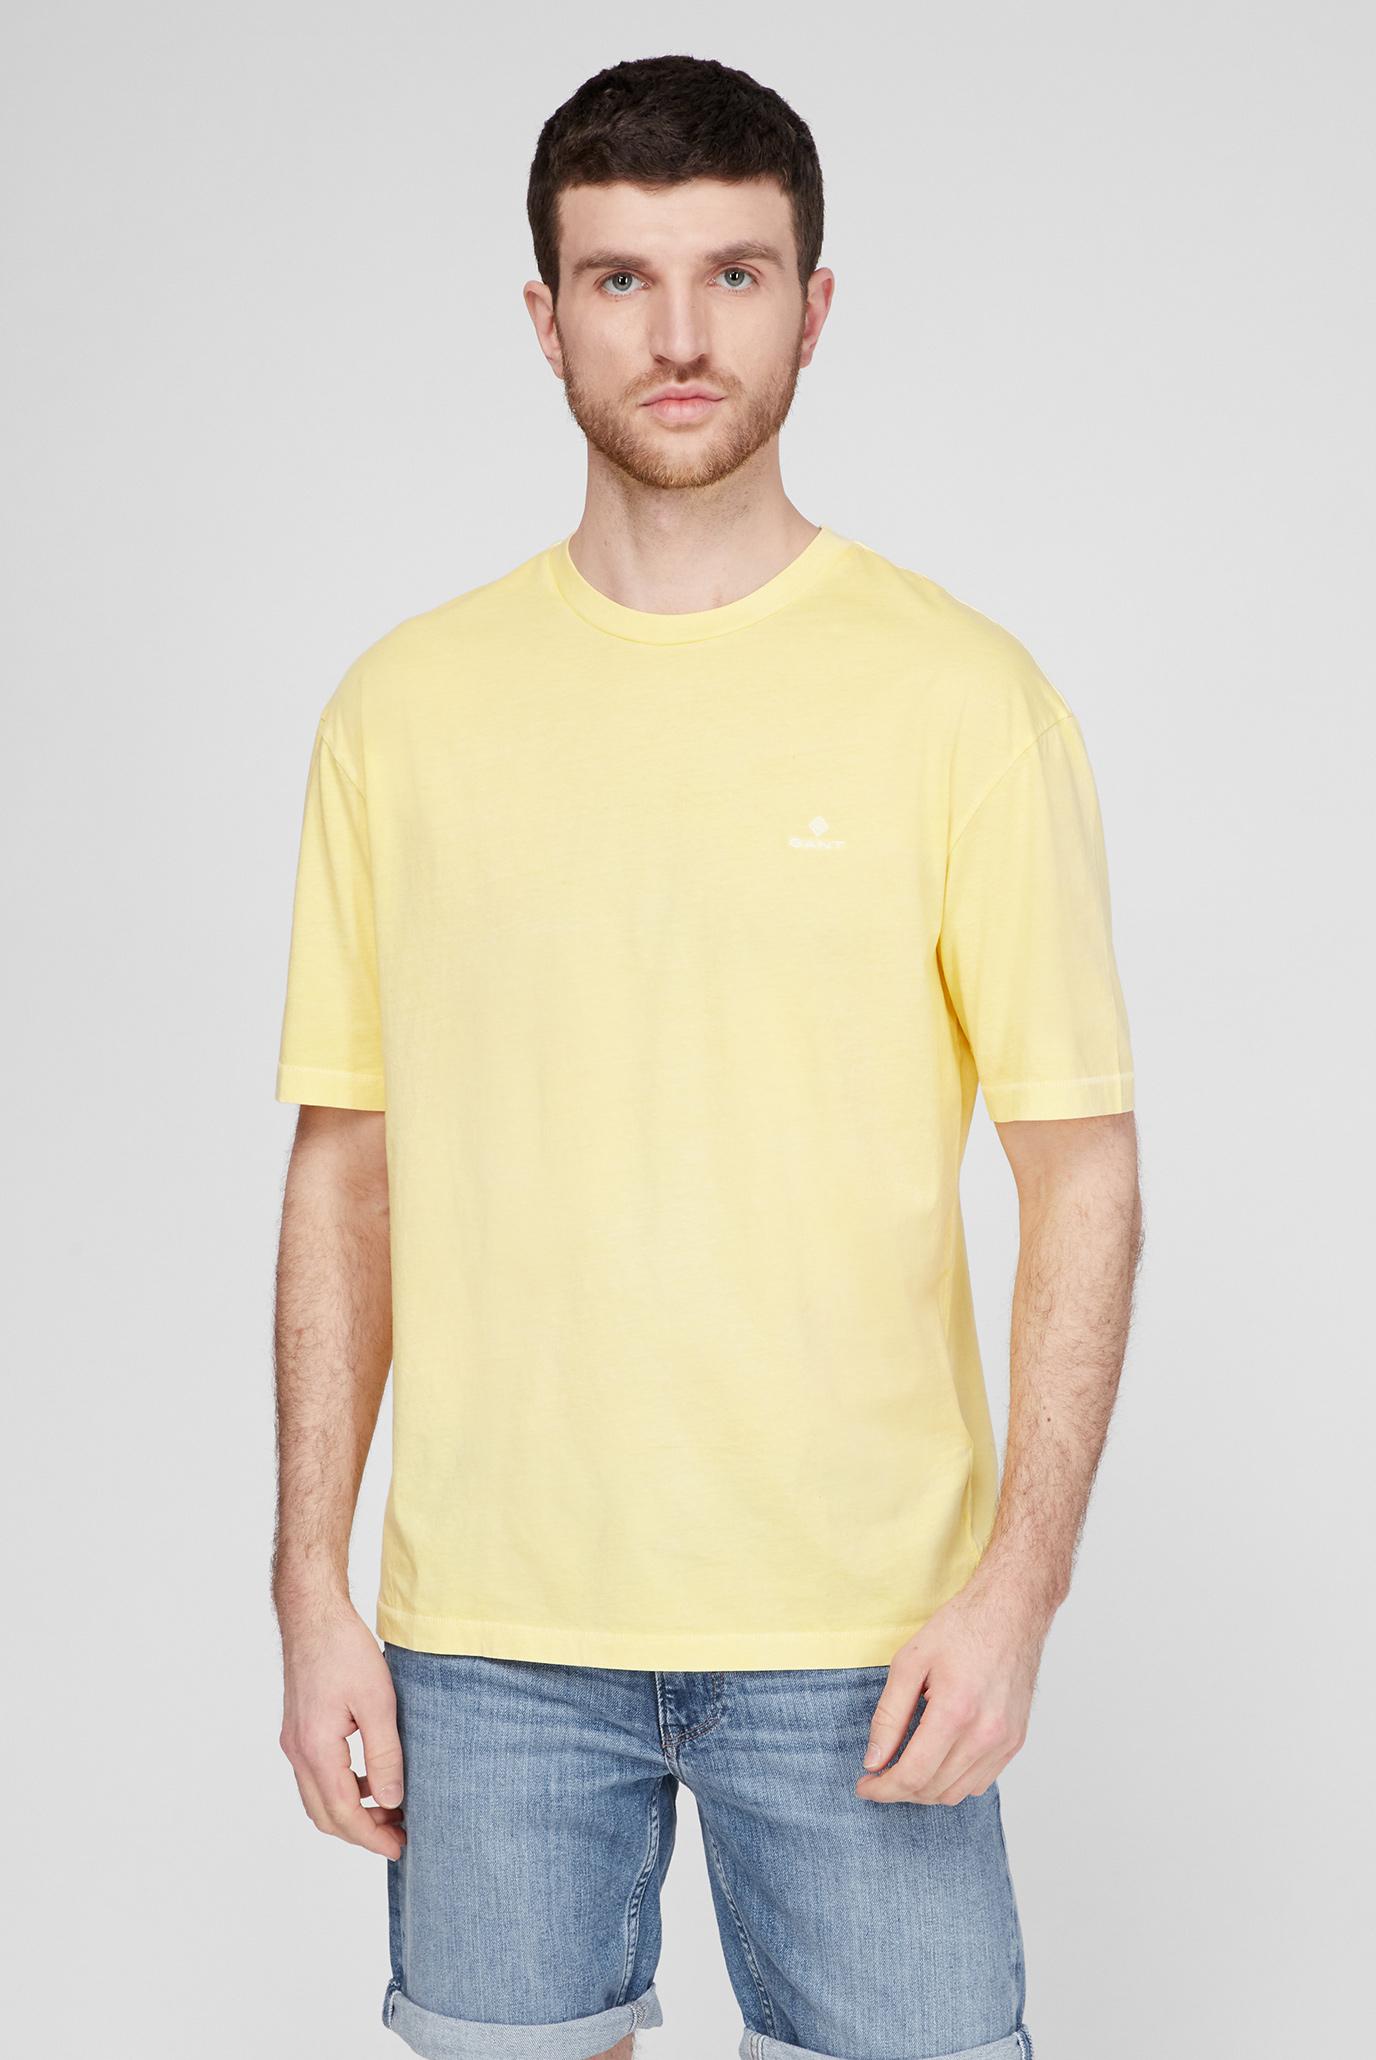 Чоловіча жовта футболка SUNFADED 1